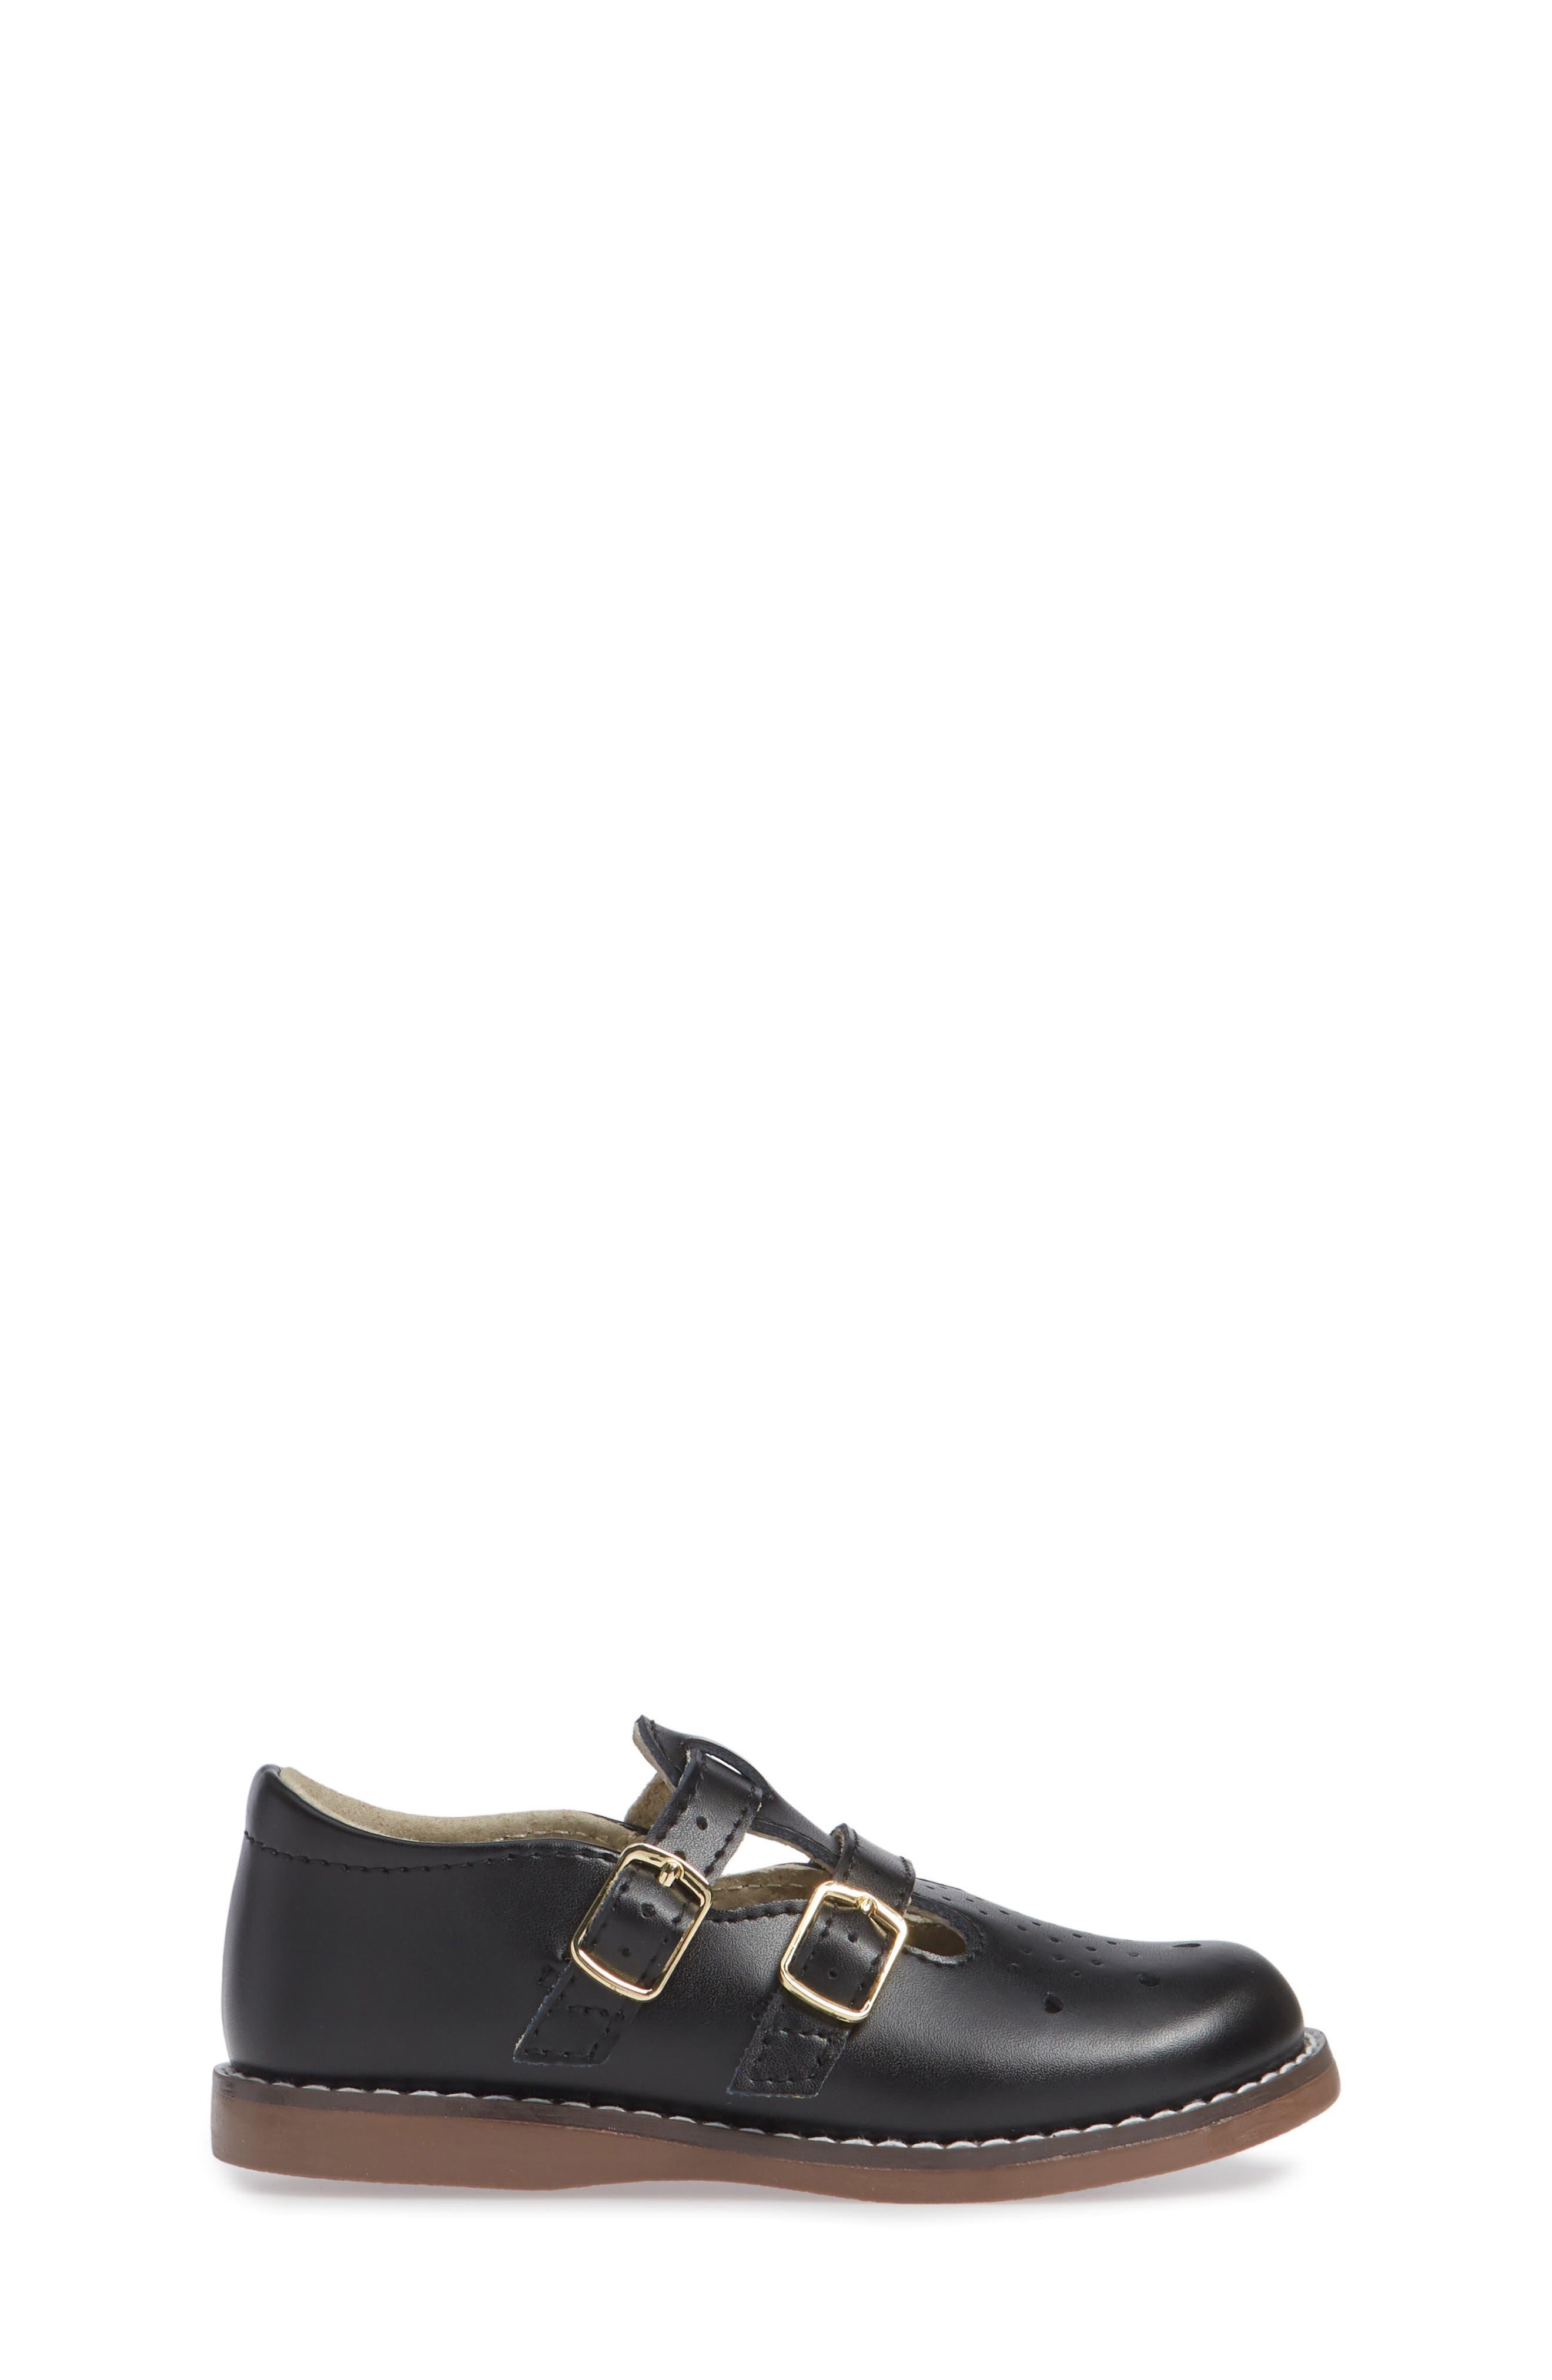 FOOTMATES,                             Danielle Double Strap Shoe,                             Alternate thumbnail 3, color,                             BLACK